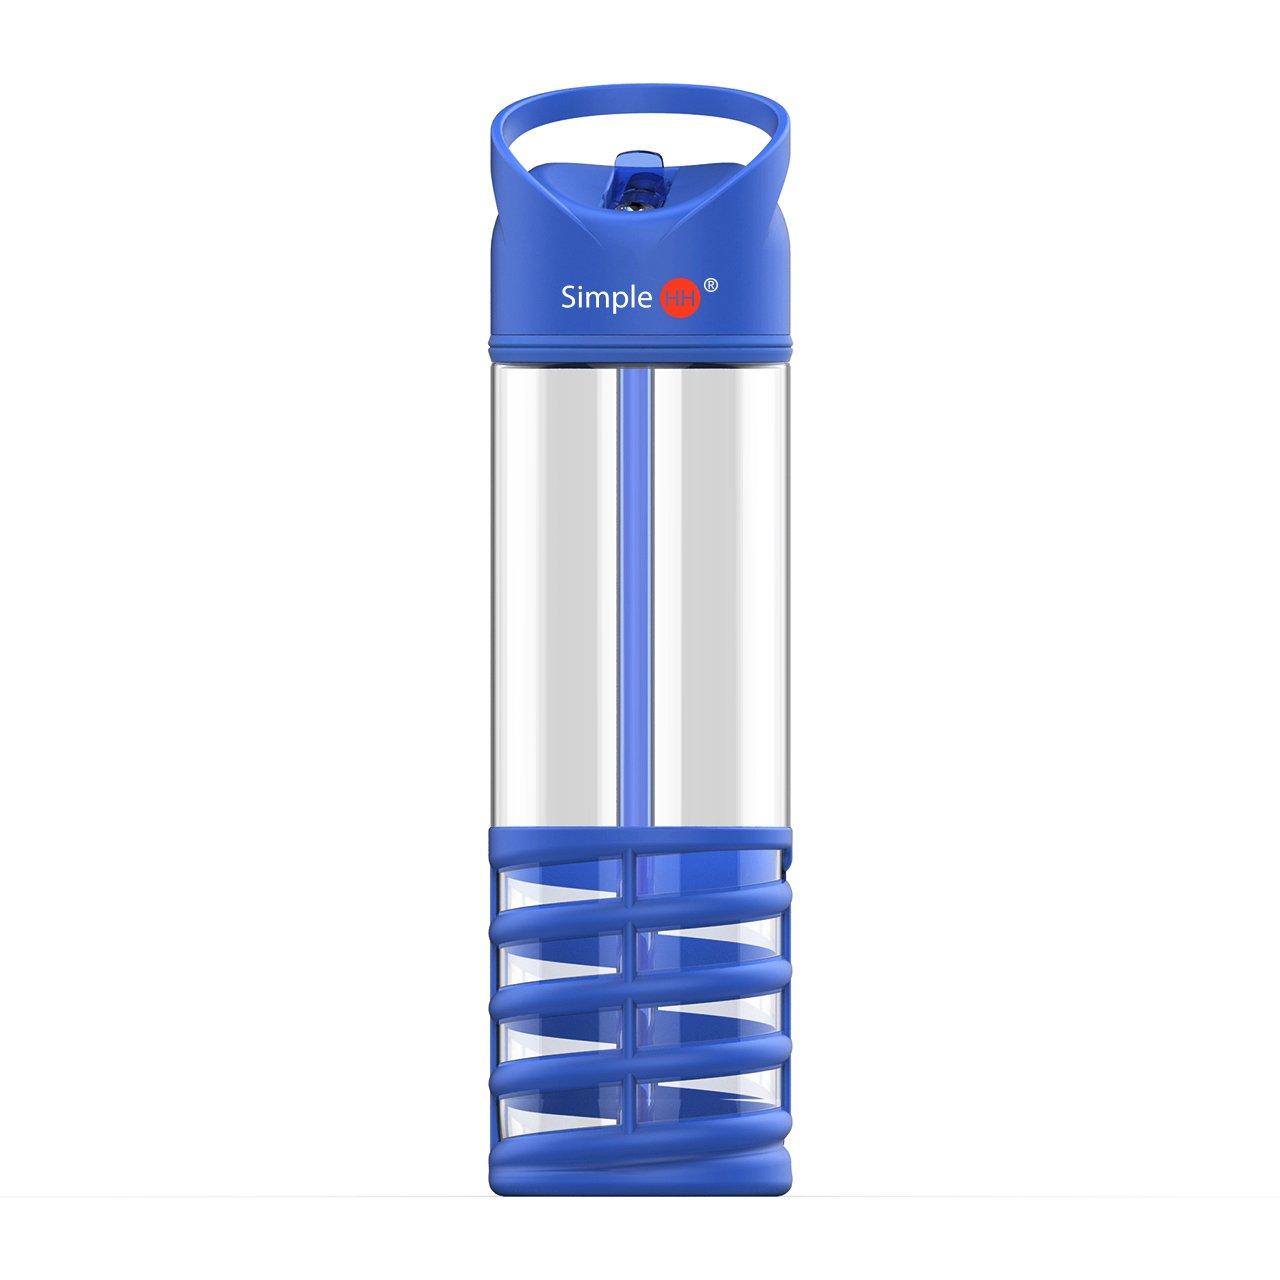 Simple HH スポーツウォーターボトル ストロー付きウォーターボトル BPAフリー マルチカラー  ブルー B07LFF7L99